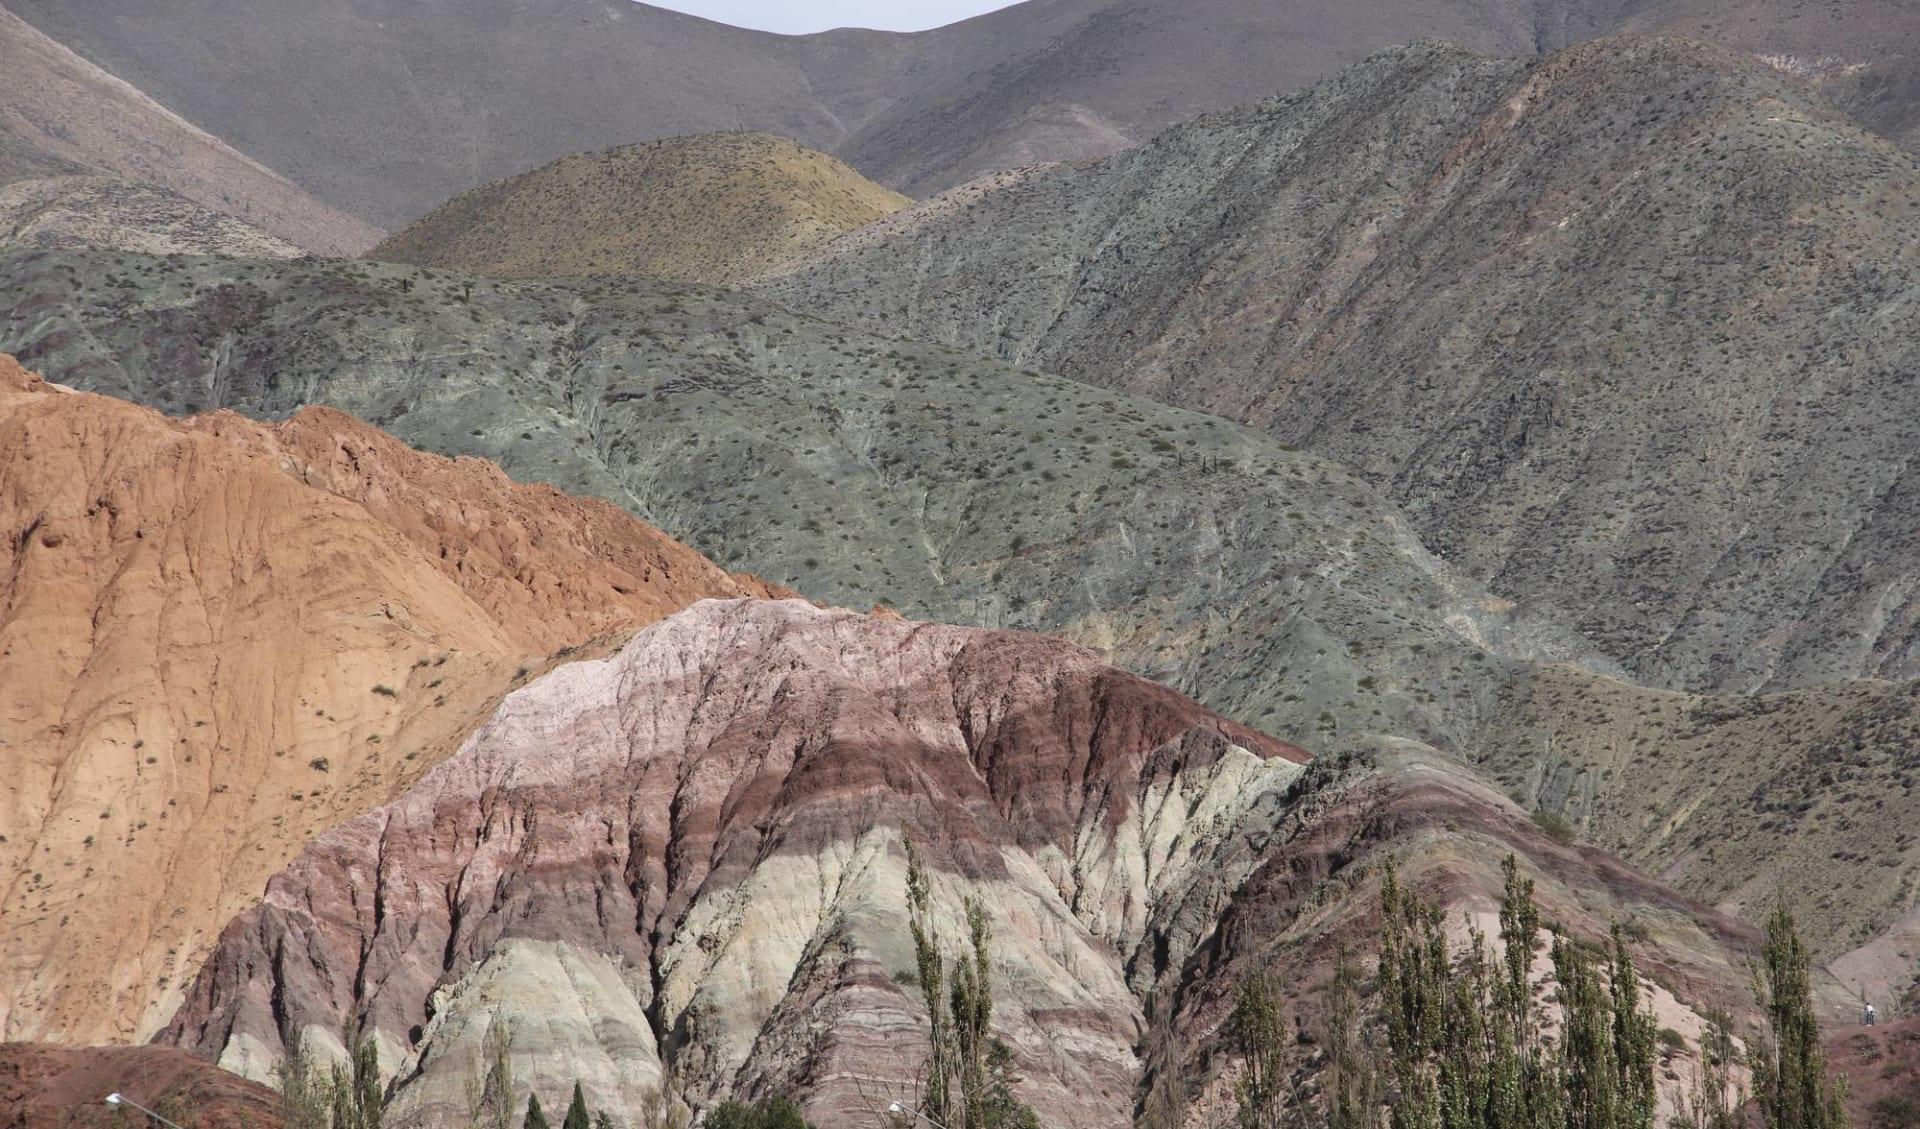 El Desierto del Altiplano ab Buenos Aires: Argentinien - Purmamarca - farbige Hügel